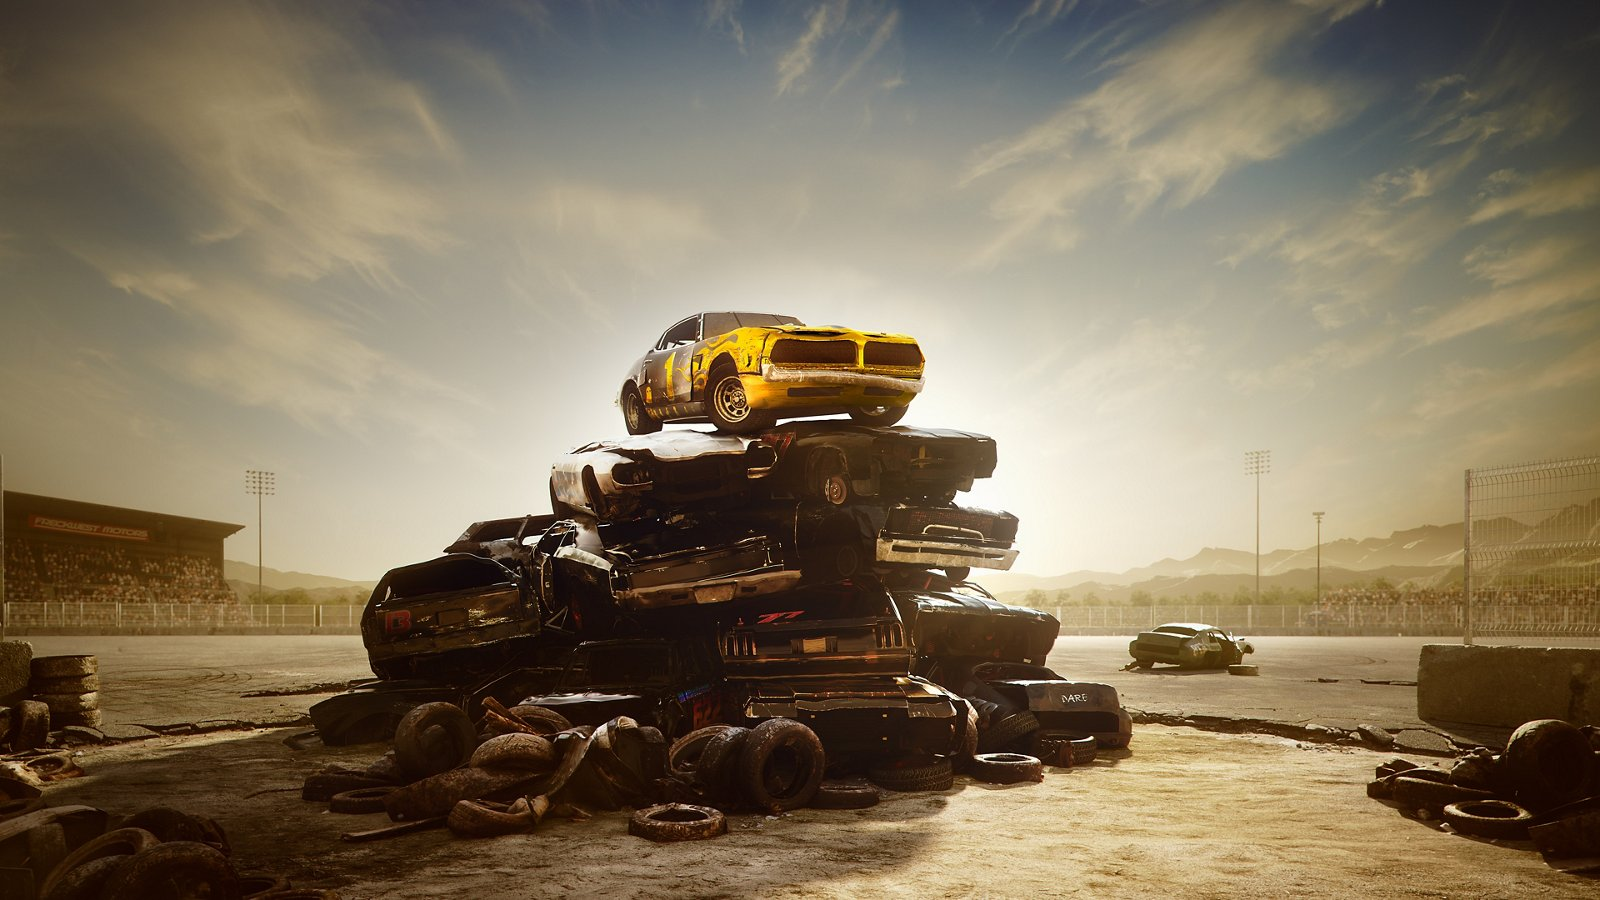 Крутая подборка майских бесплатных игр для PlayStation 5 и PlayStation 4 уже доступна. Как получить Battlefield 5 и Wreckfest